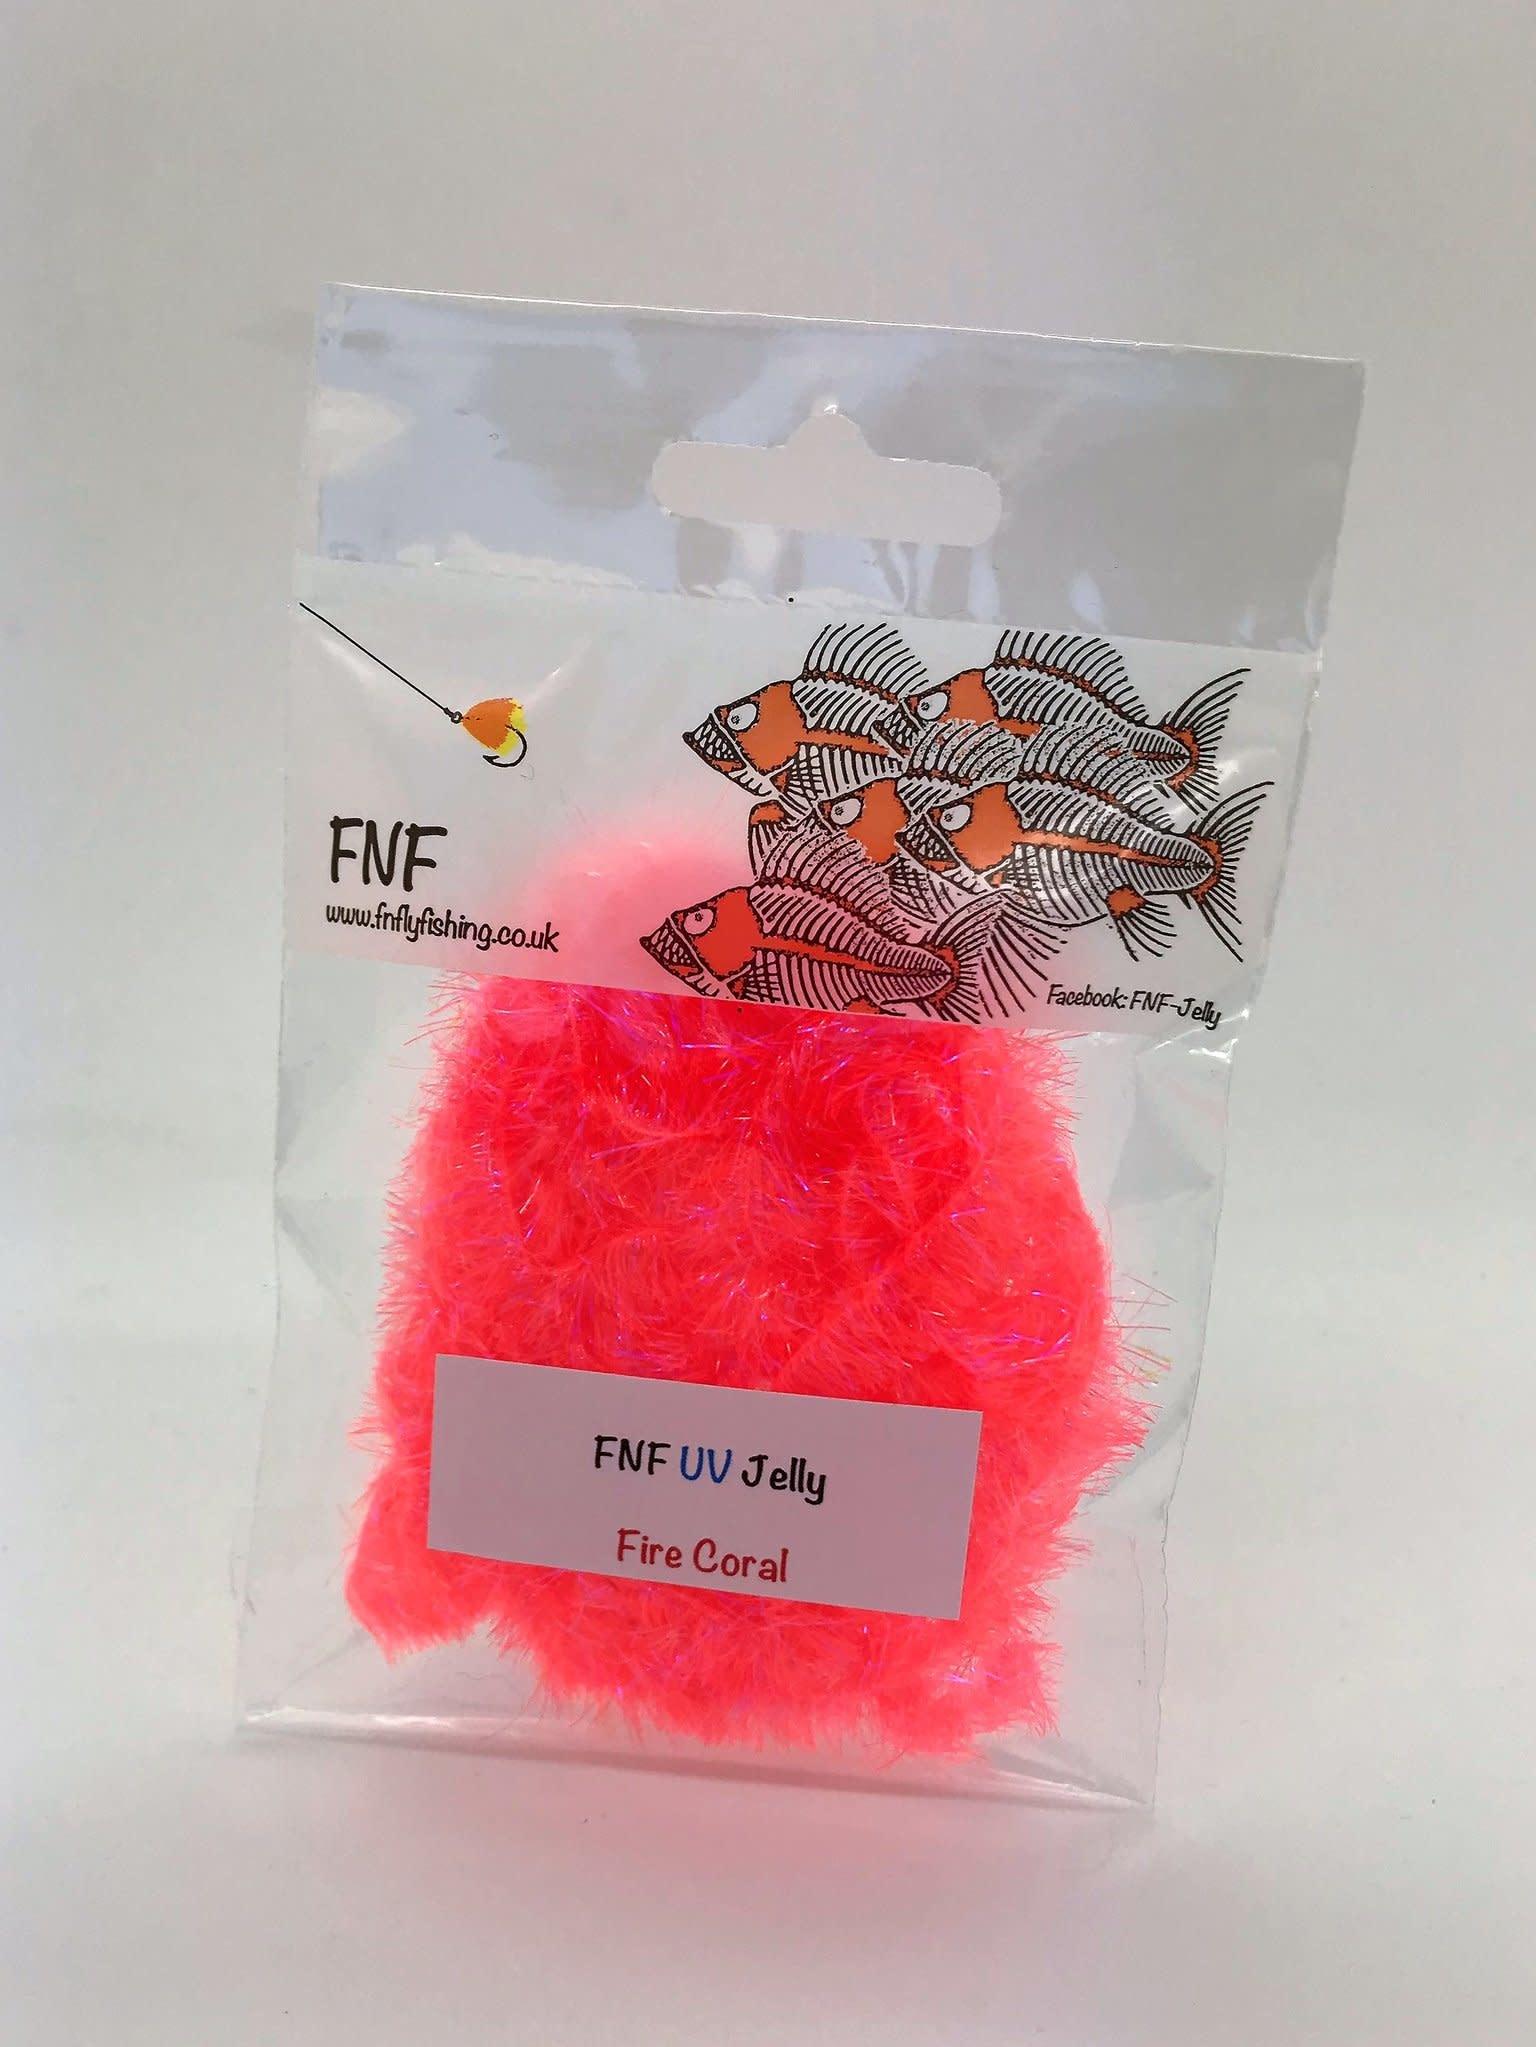 FNF UV Jelly